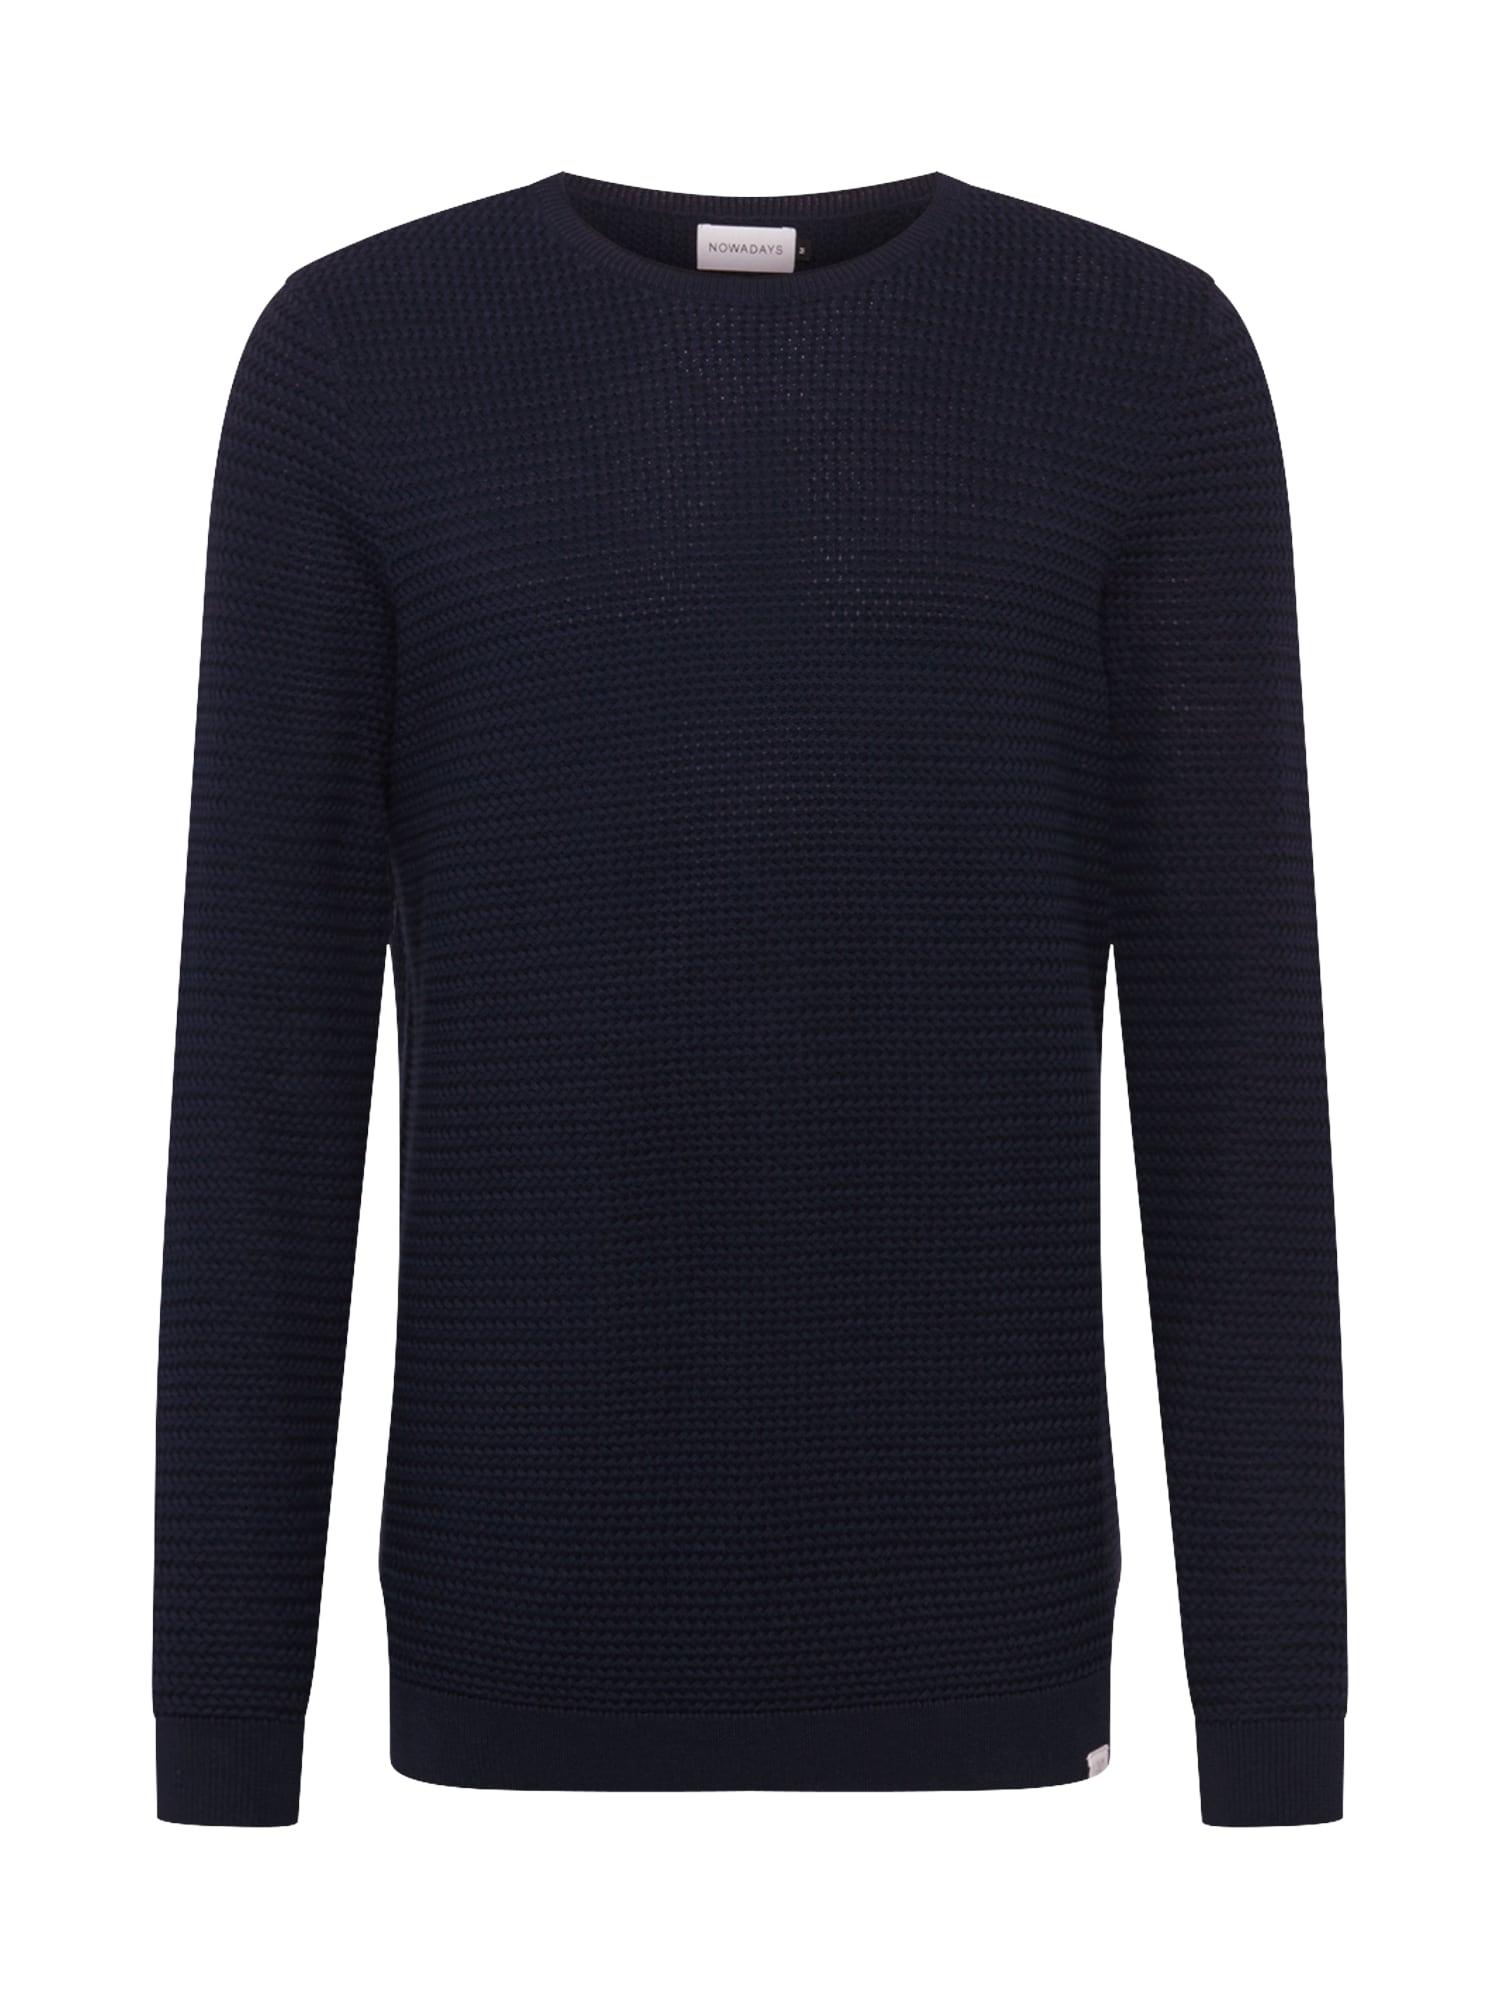 NOWADAYS Megztinis tamsiai mėlyna